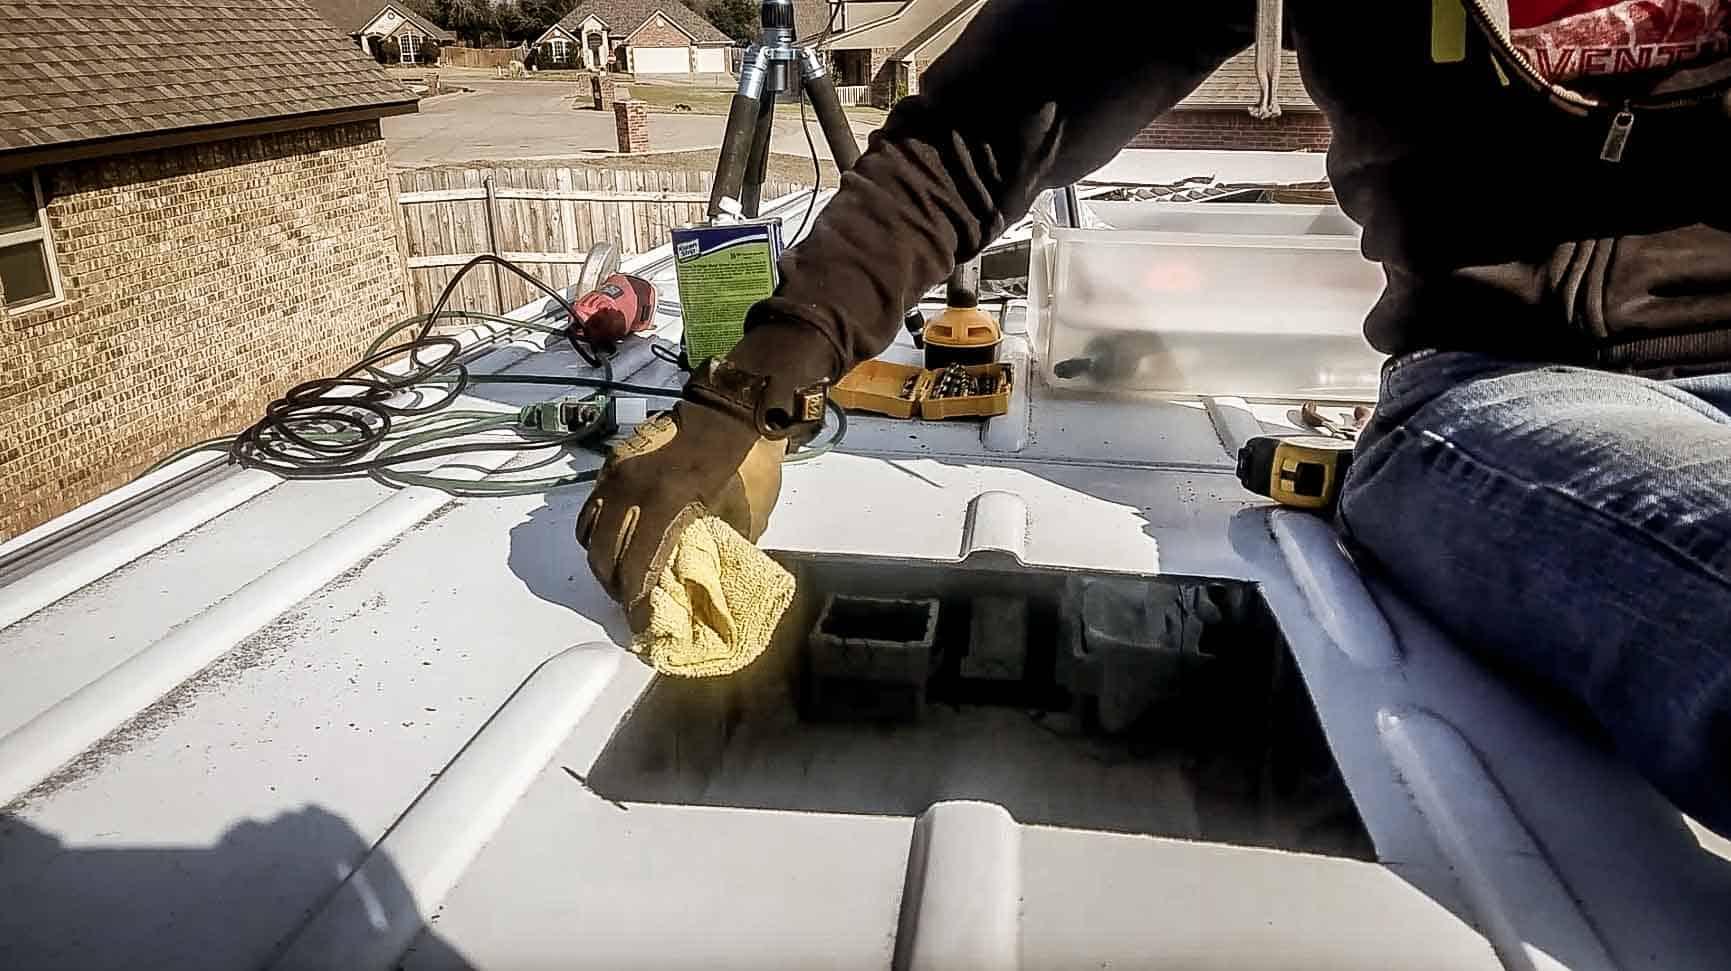 Installing roof vent on campervan-3